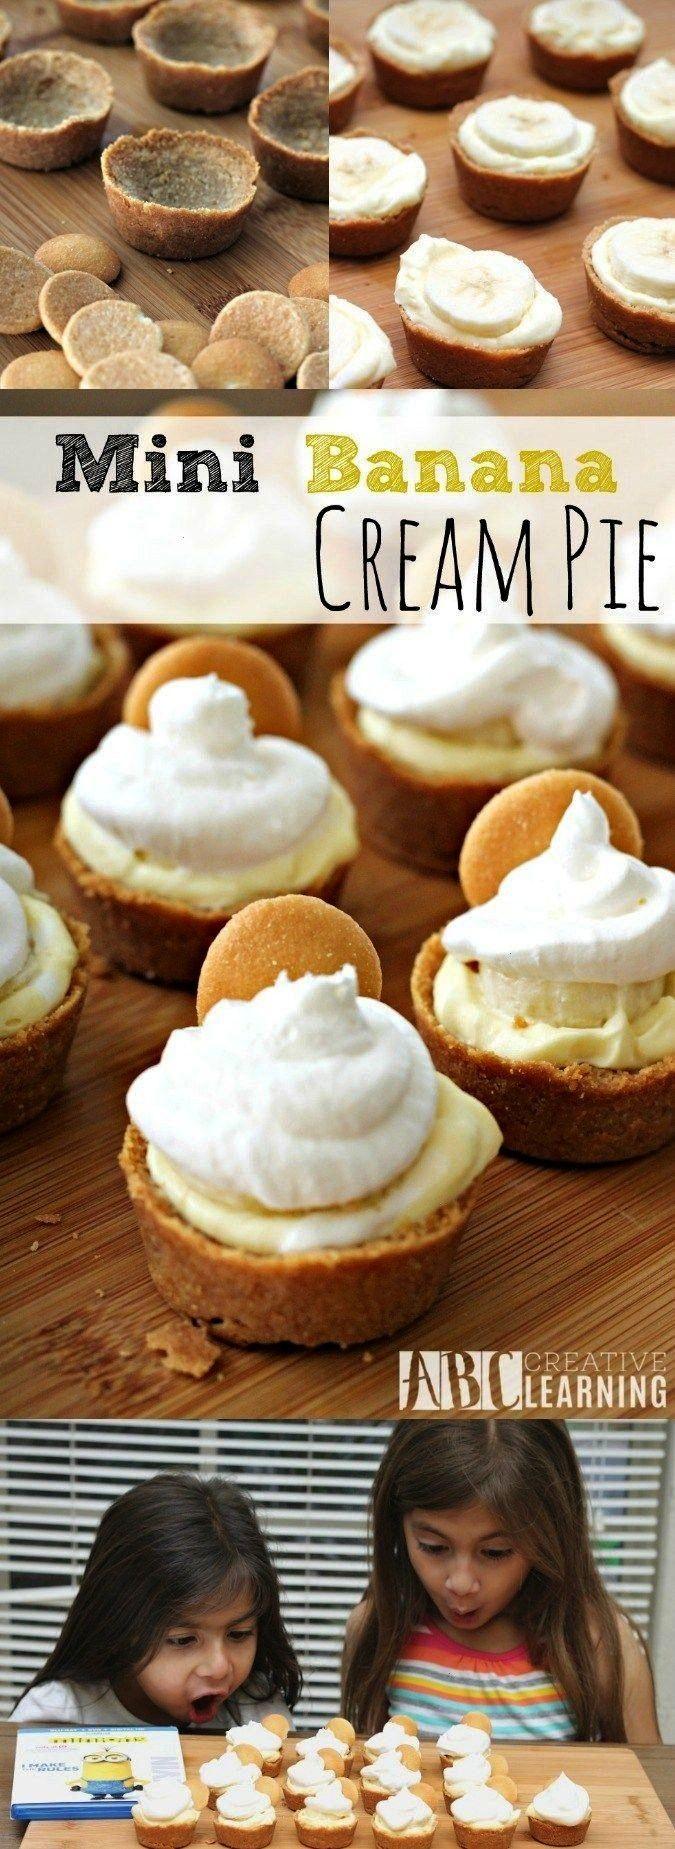 Banana Cream Pie - Pies & Tarts -Mini Banana Cream Pie - Pies & Tarts -  These Mini Peach Pies are